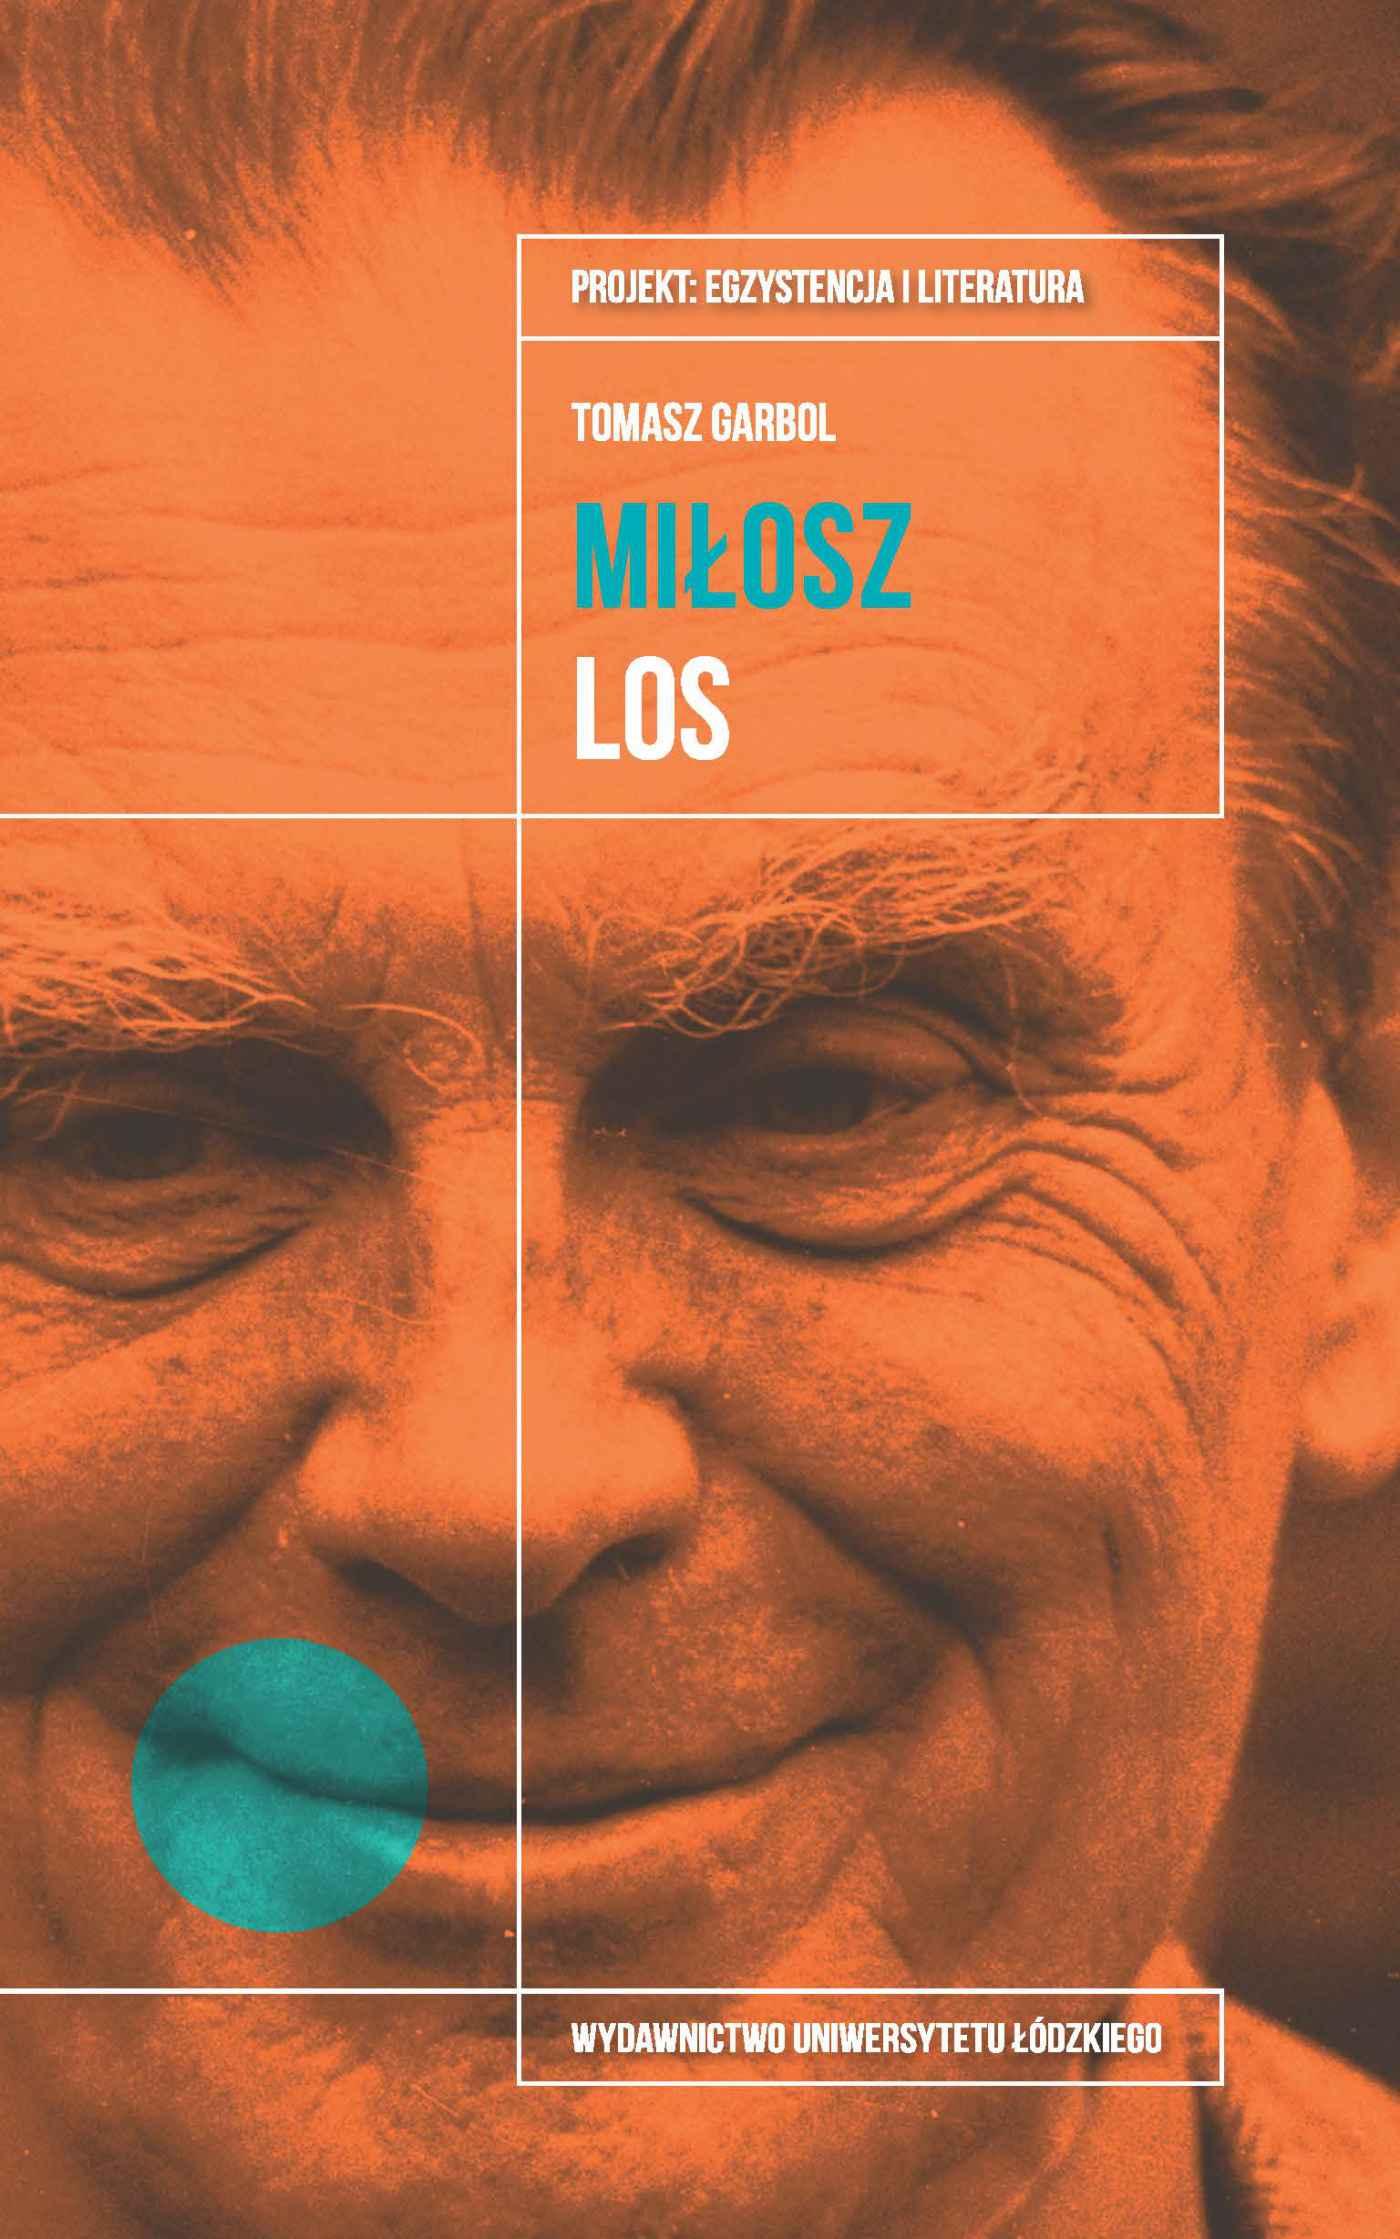 Czesław Miłosz. Los - Ebook (Książka EPUB) do pobrania w formacie EPUB